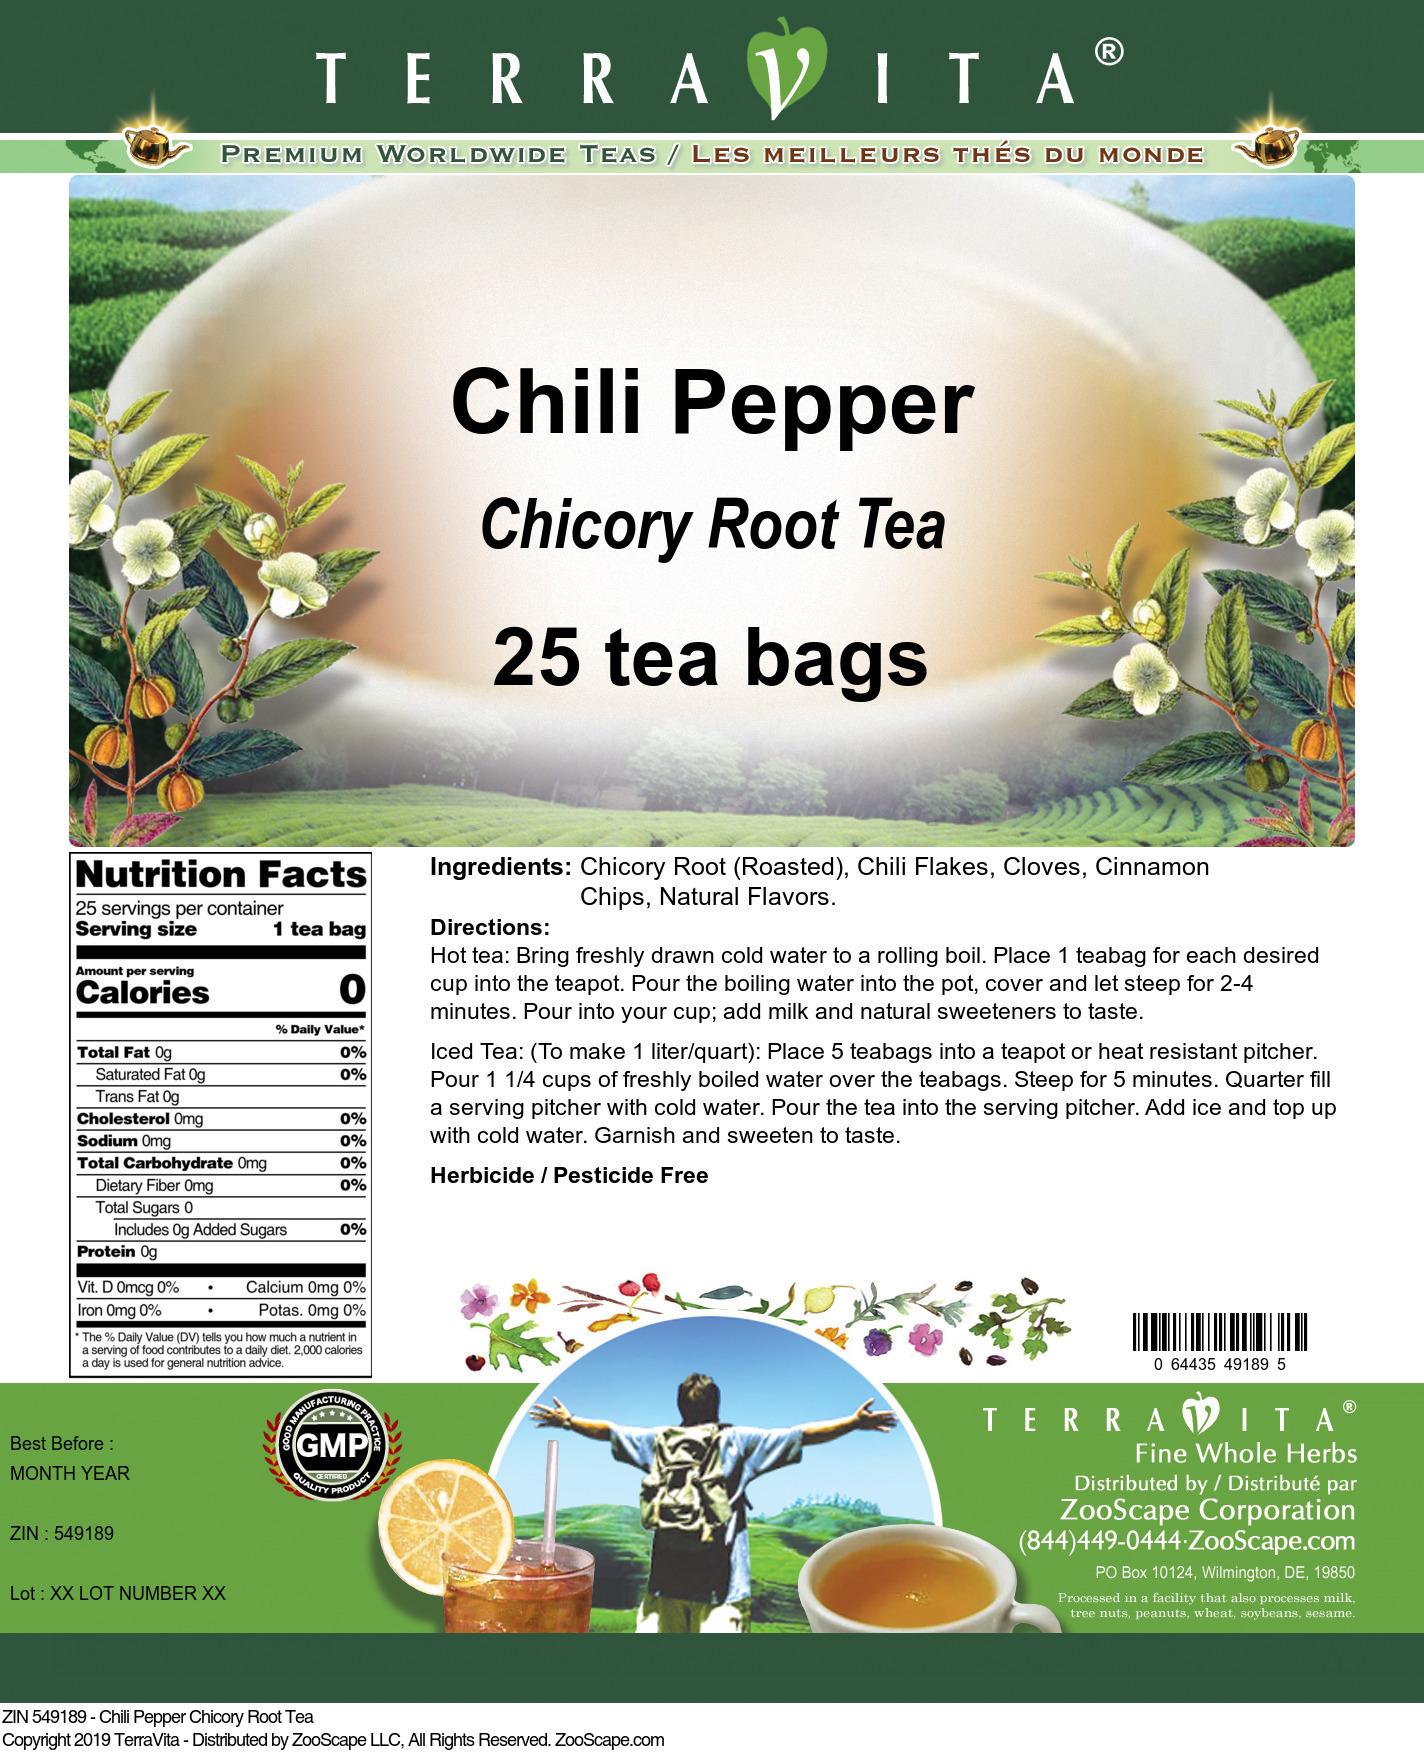 Chili Pepper Chicory Root Tea